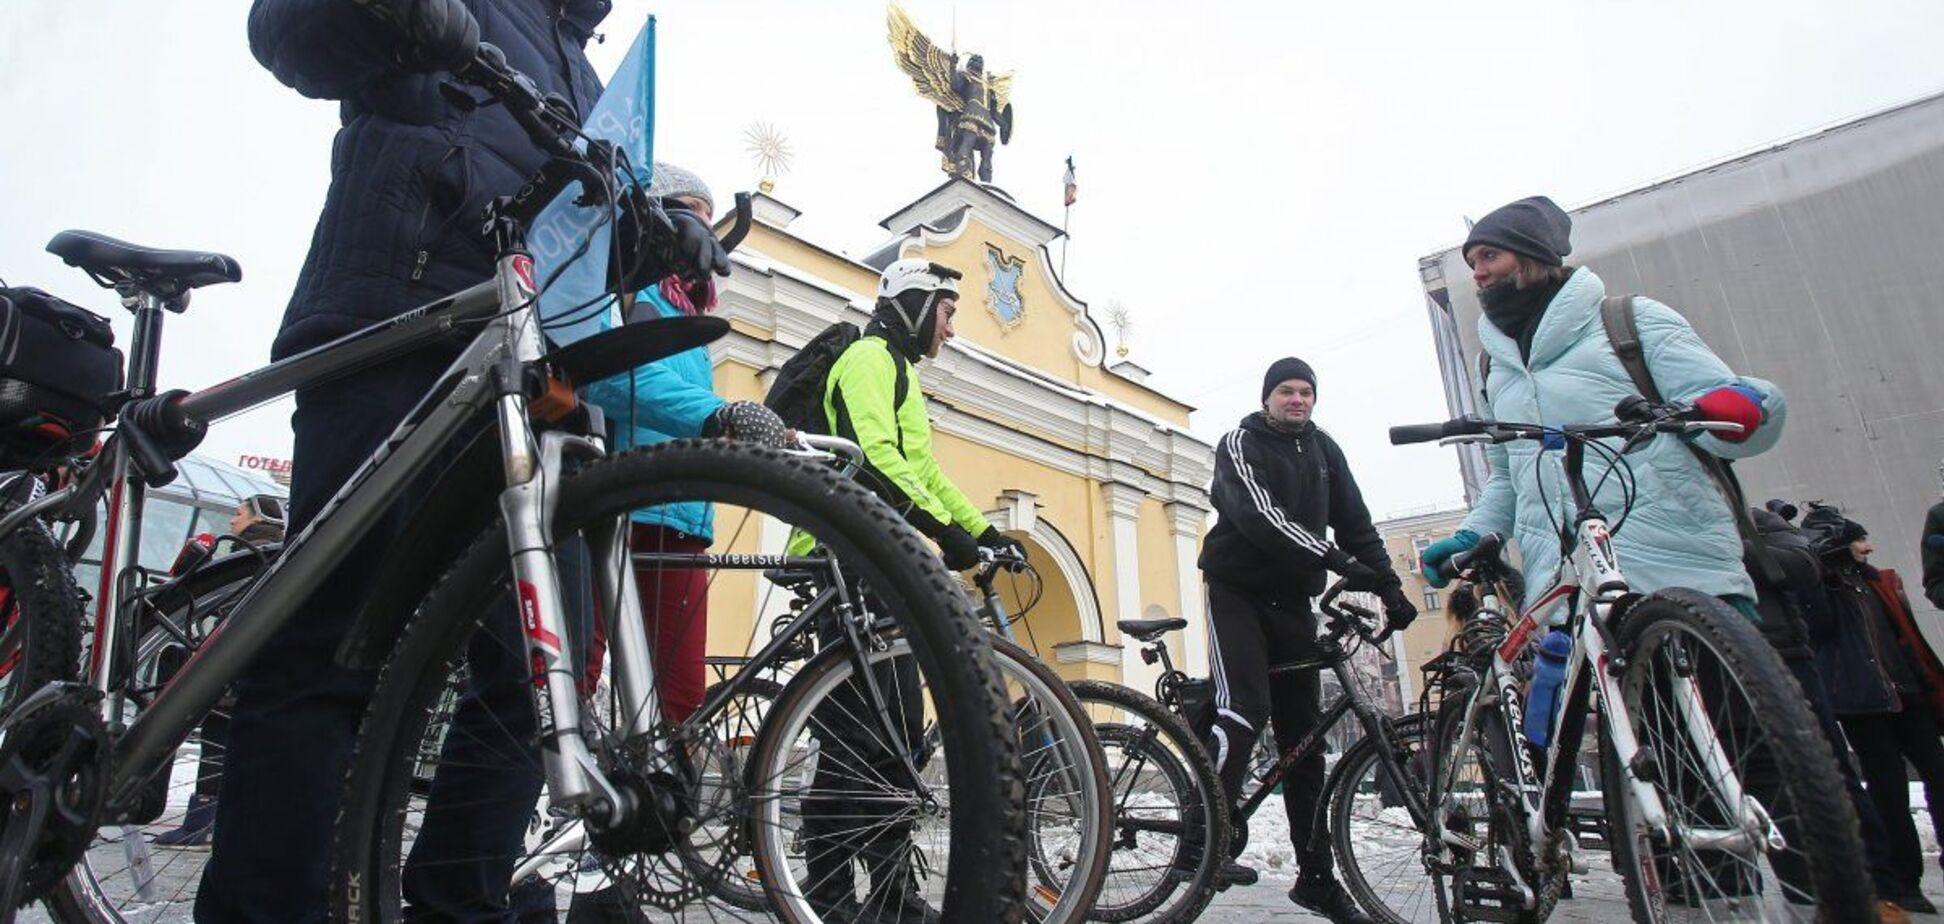 Киянам пропонують приїхати на роботу на велосипеді